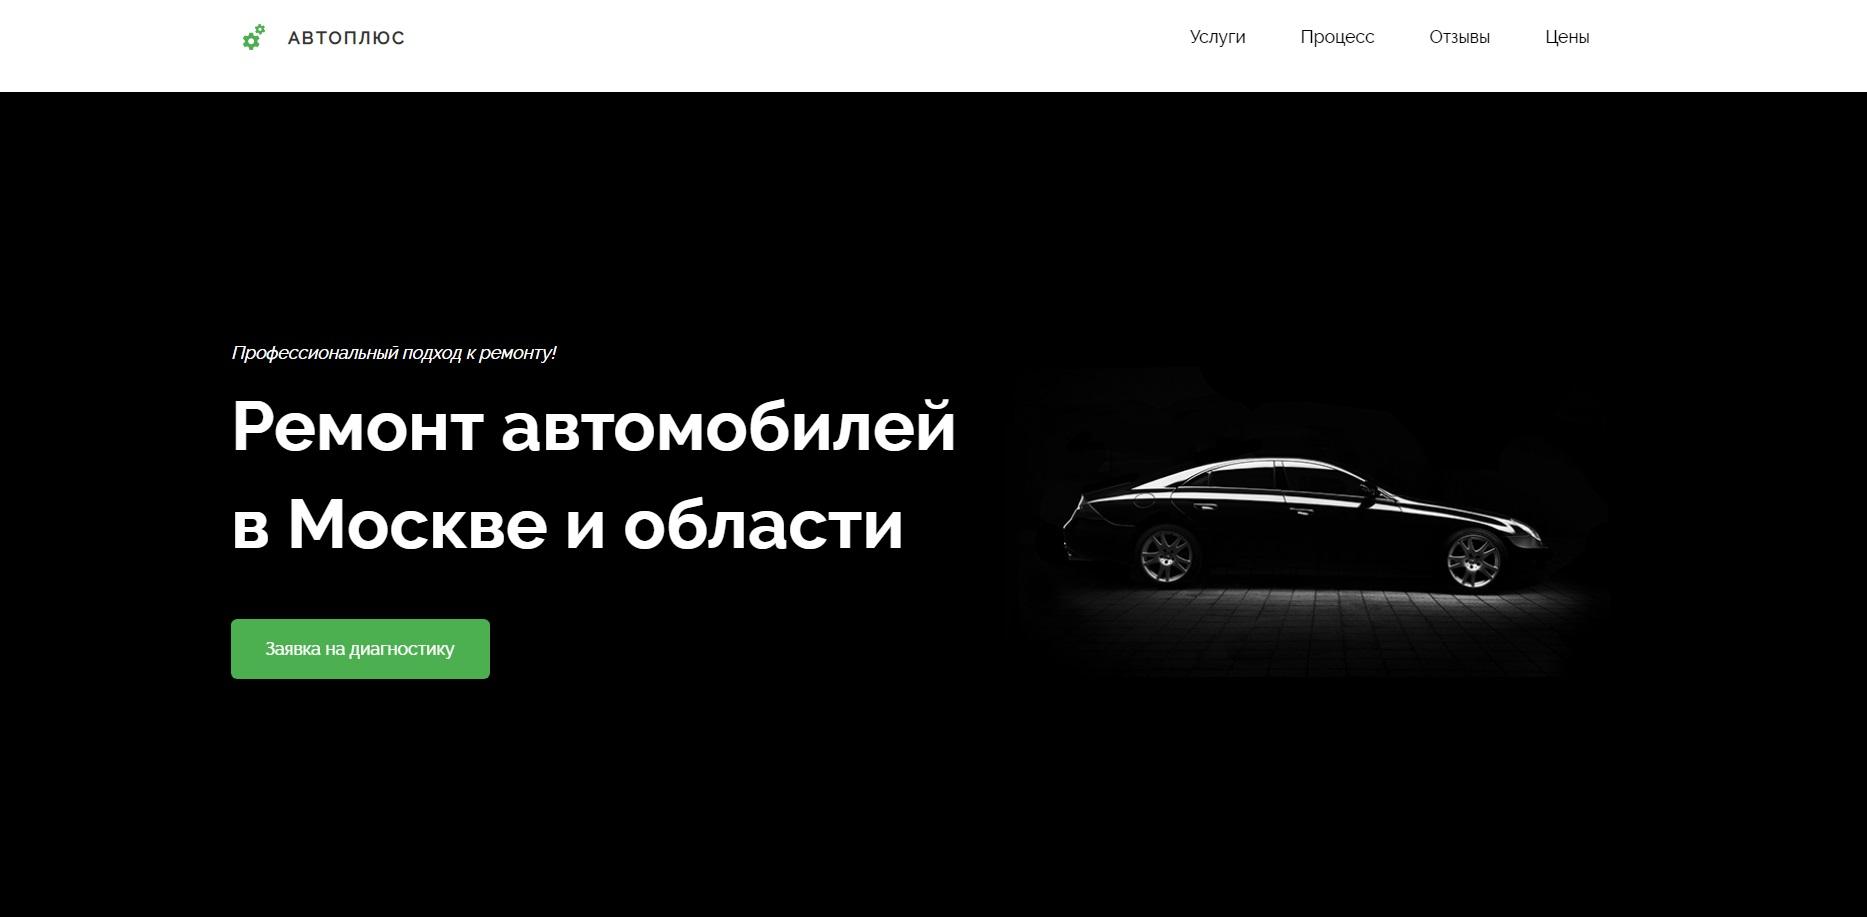 Фото Ремонт автомобилей Сайт для автомастерской с демонстрацией процесса работы и отзывами клиентов